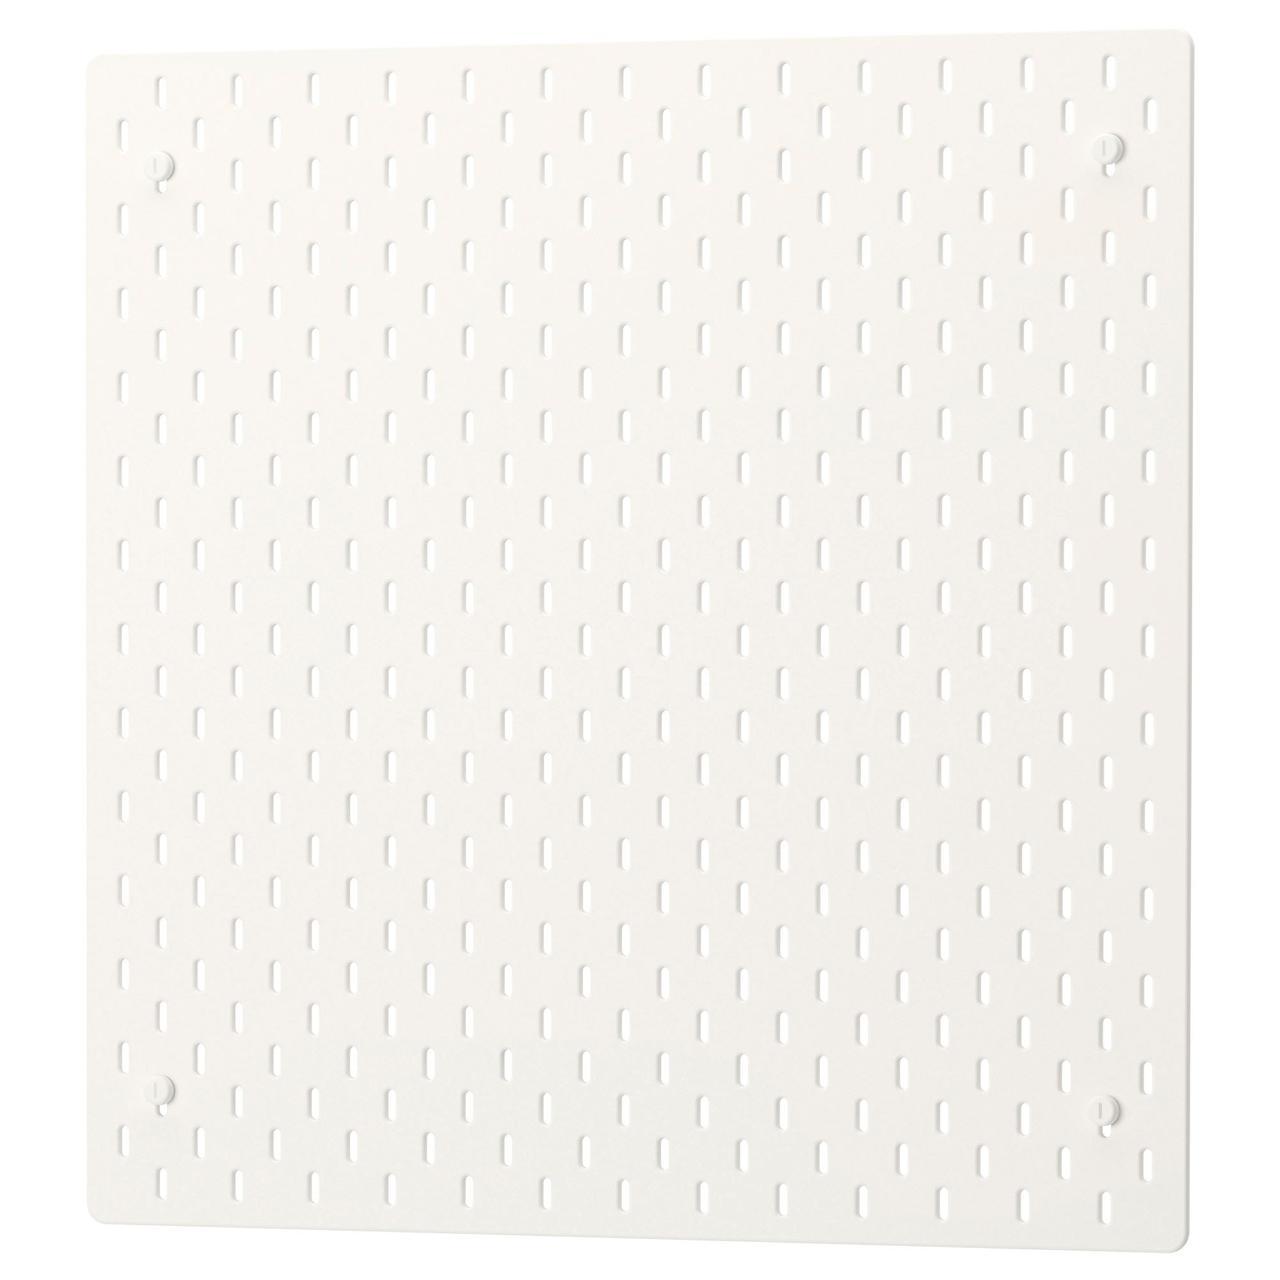 Настенная панель IKEA SKÅDIS белый 56x56 см 003.208.03